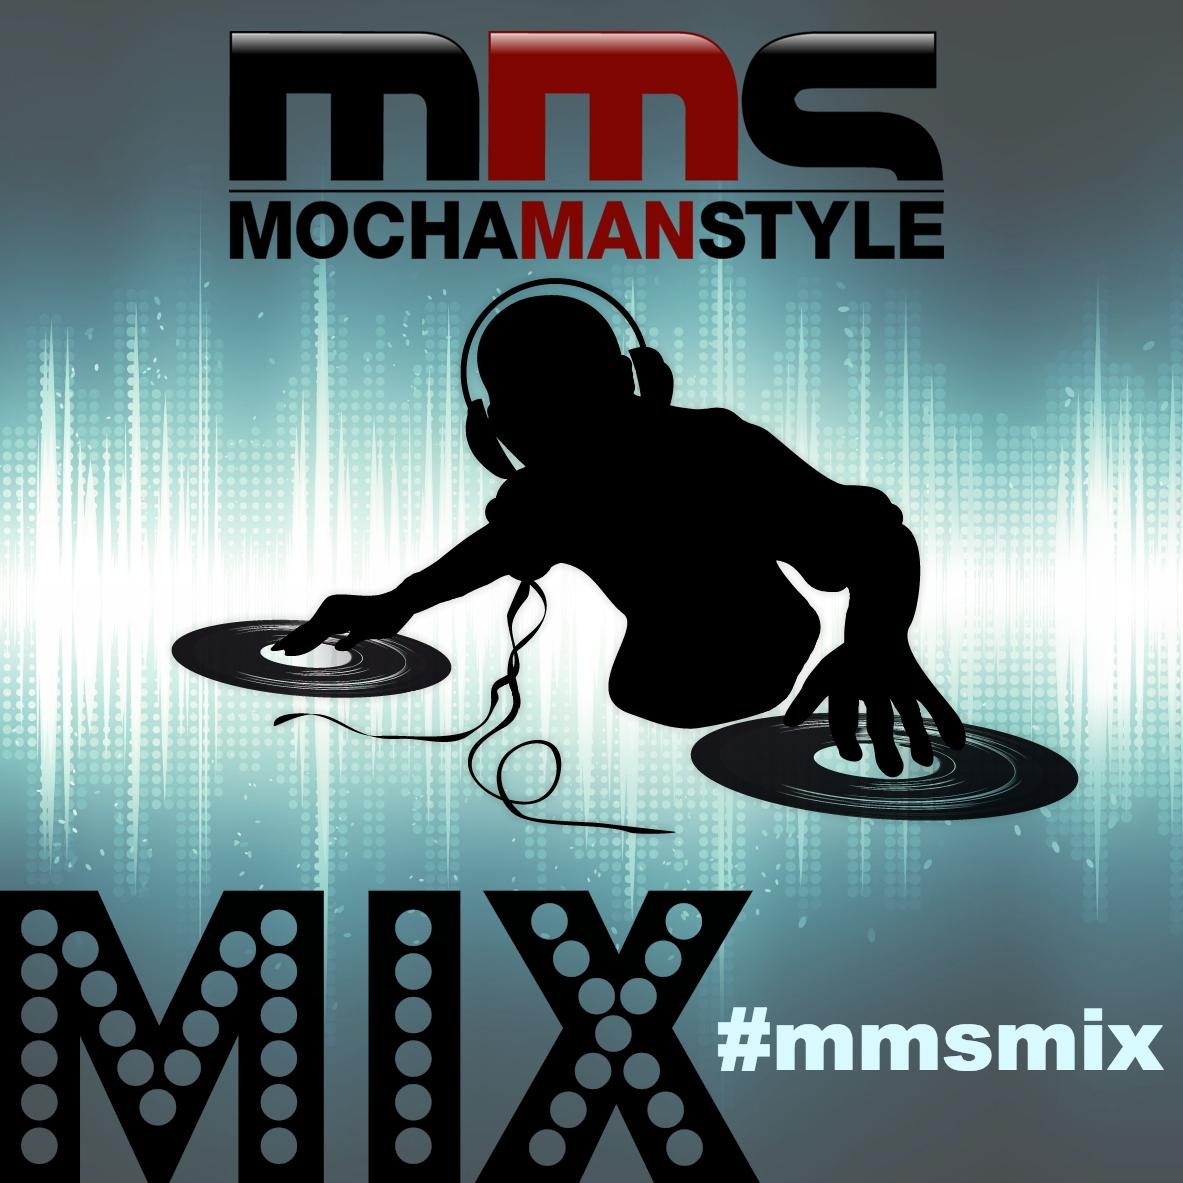 Mocha Man Style Music Mix Playlist (03-21-14) #mmsmix